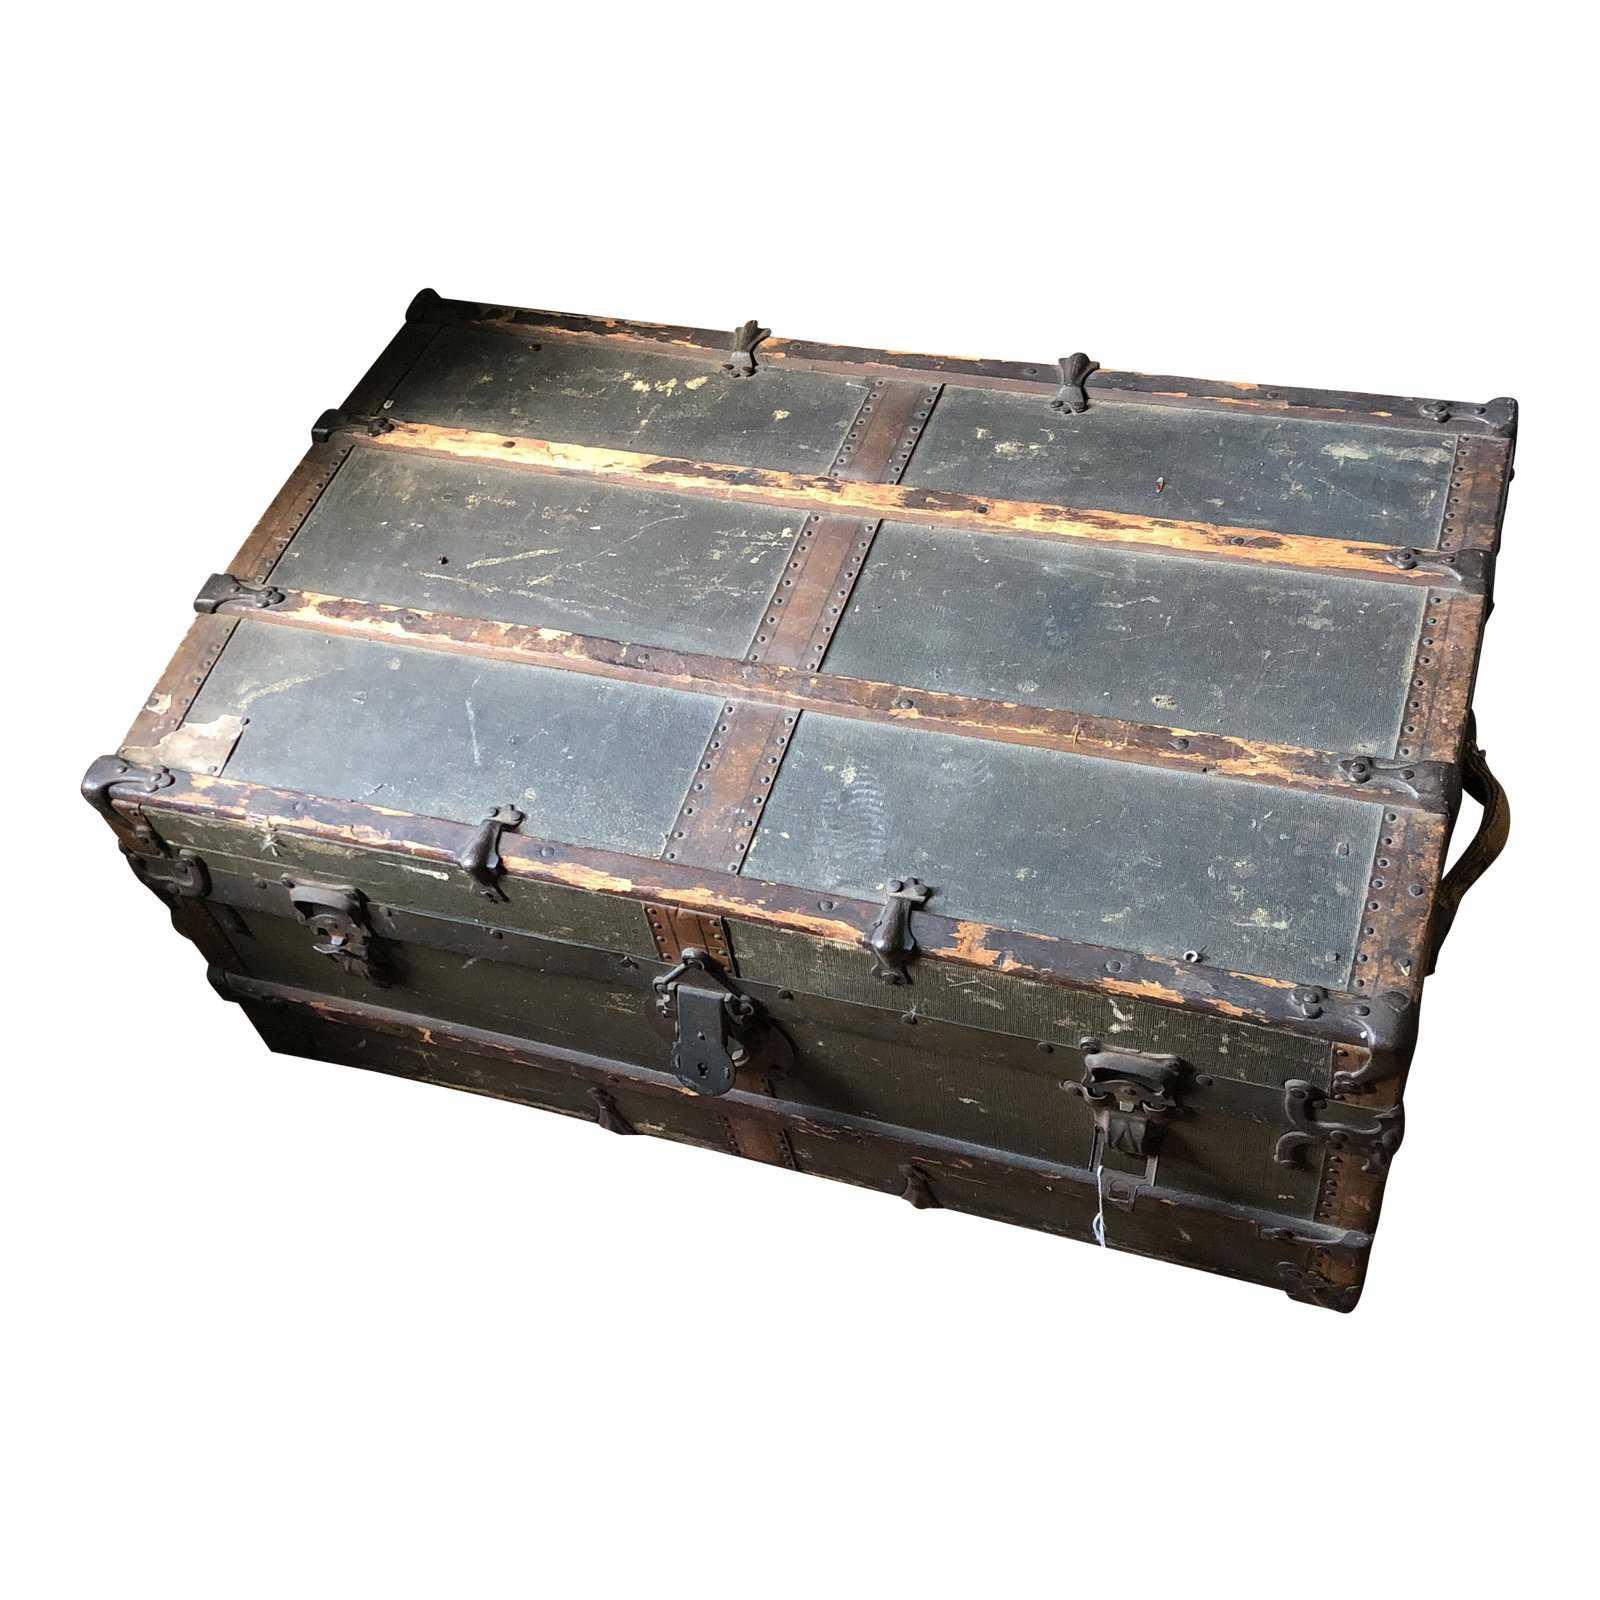 Vintage wooden steamer trunk